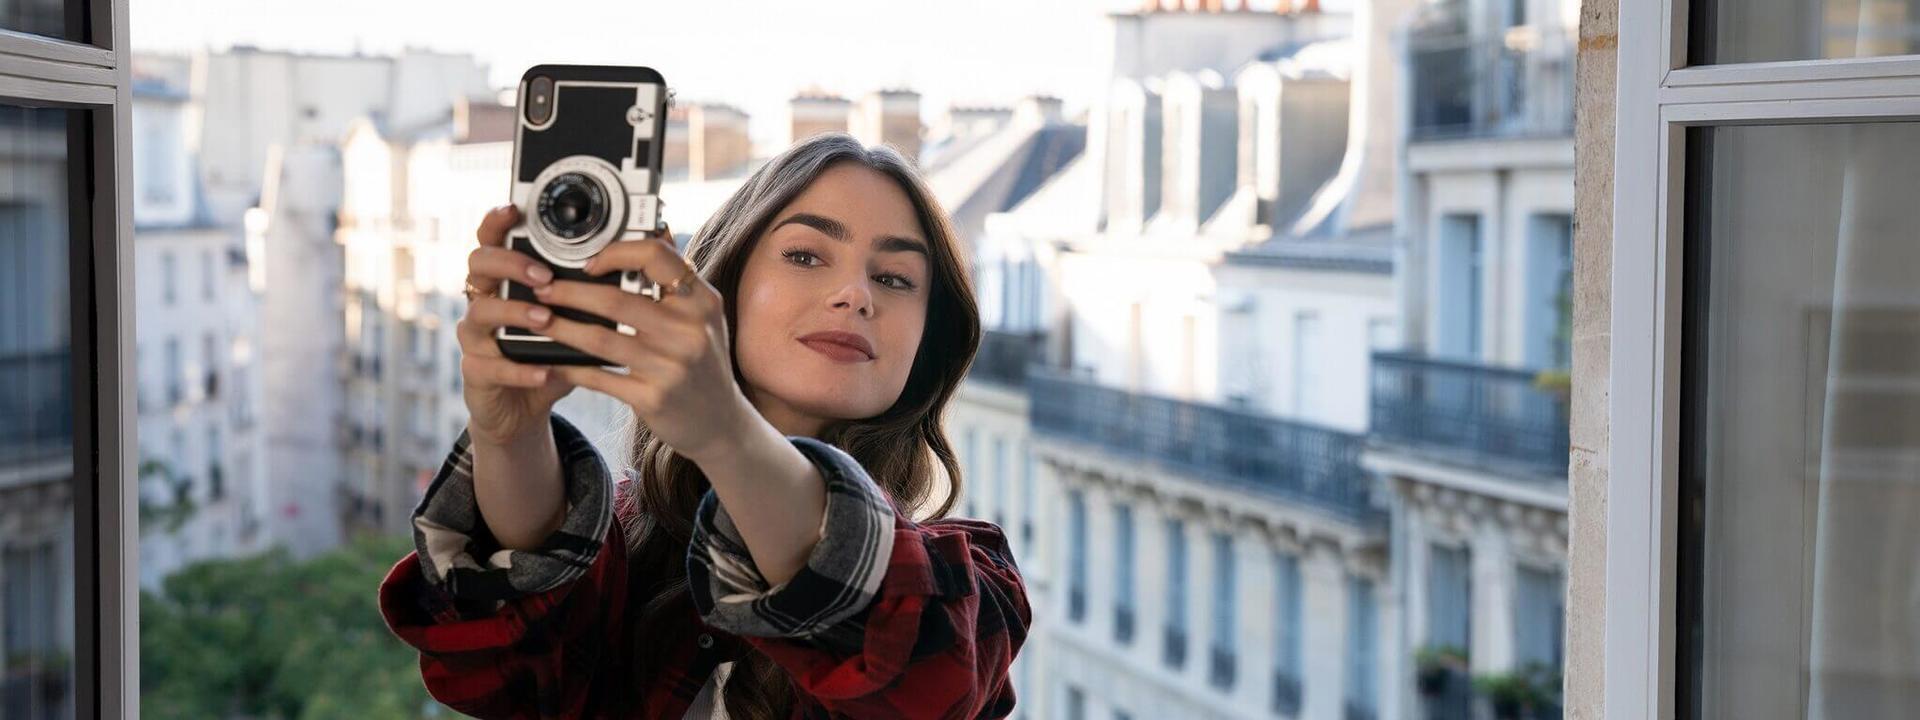 艾蜜莉的巴黎生活就是浪漫+帥哥